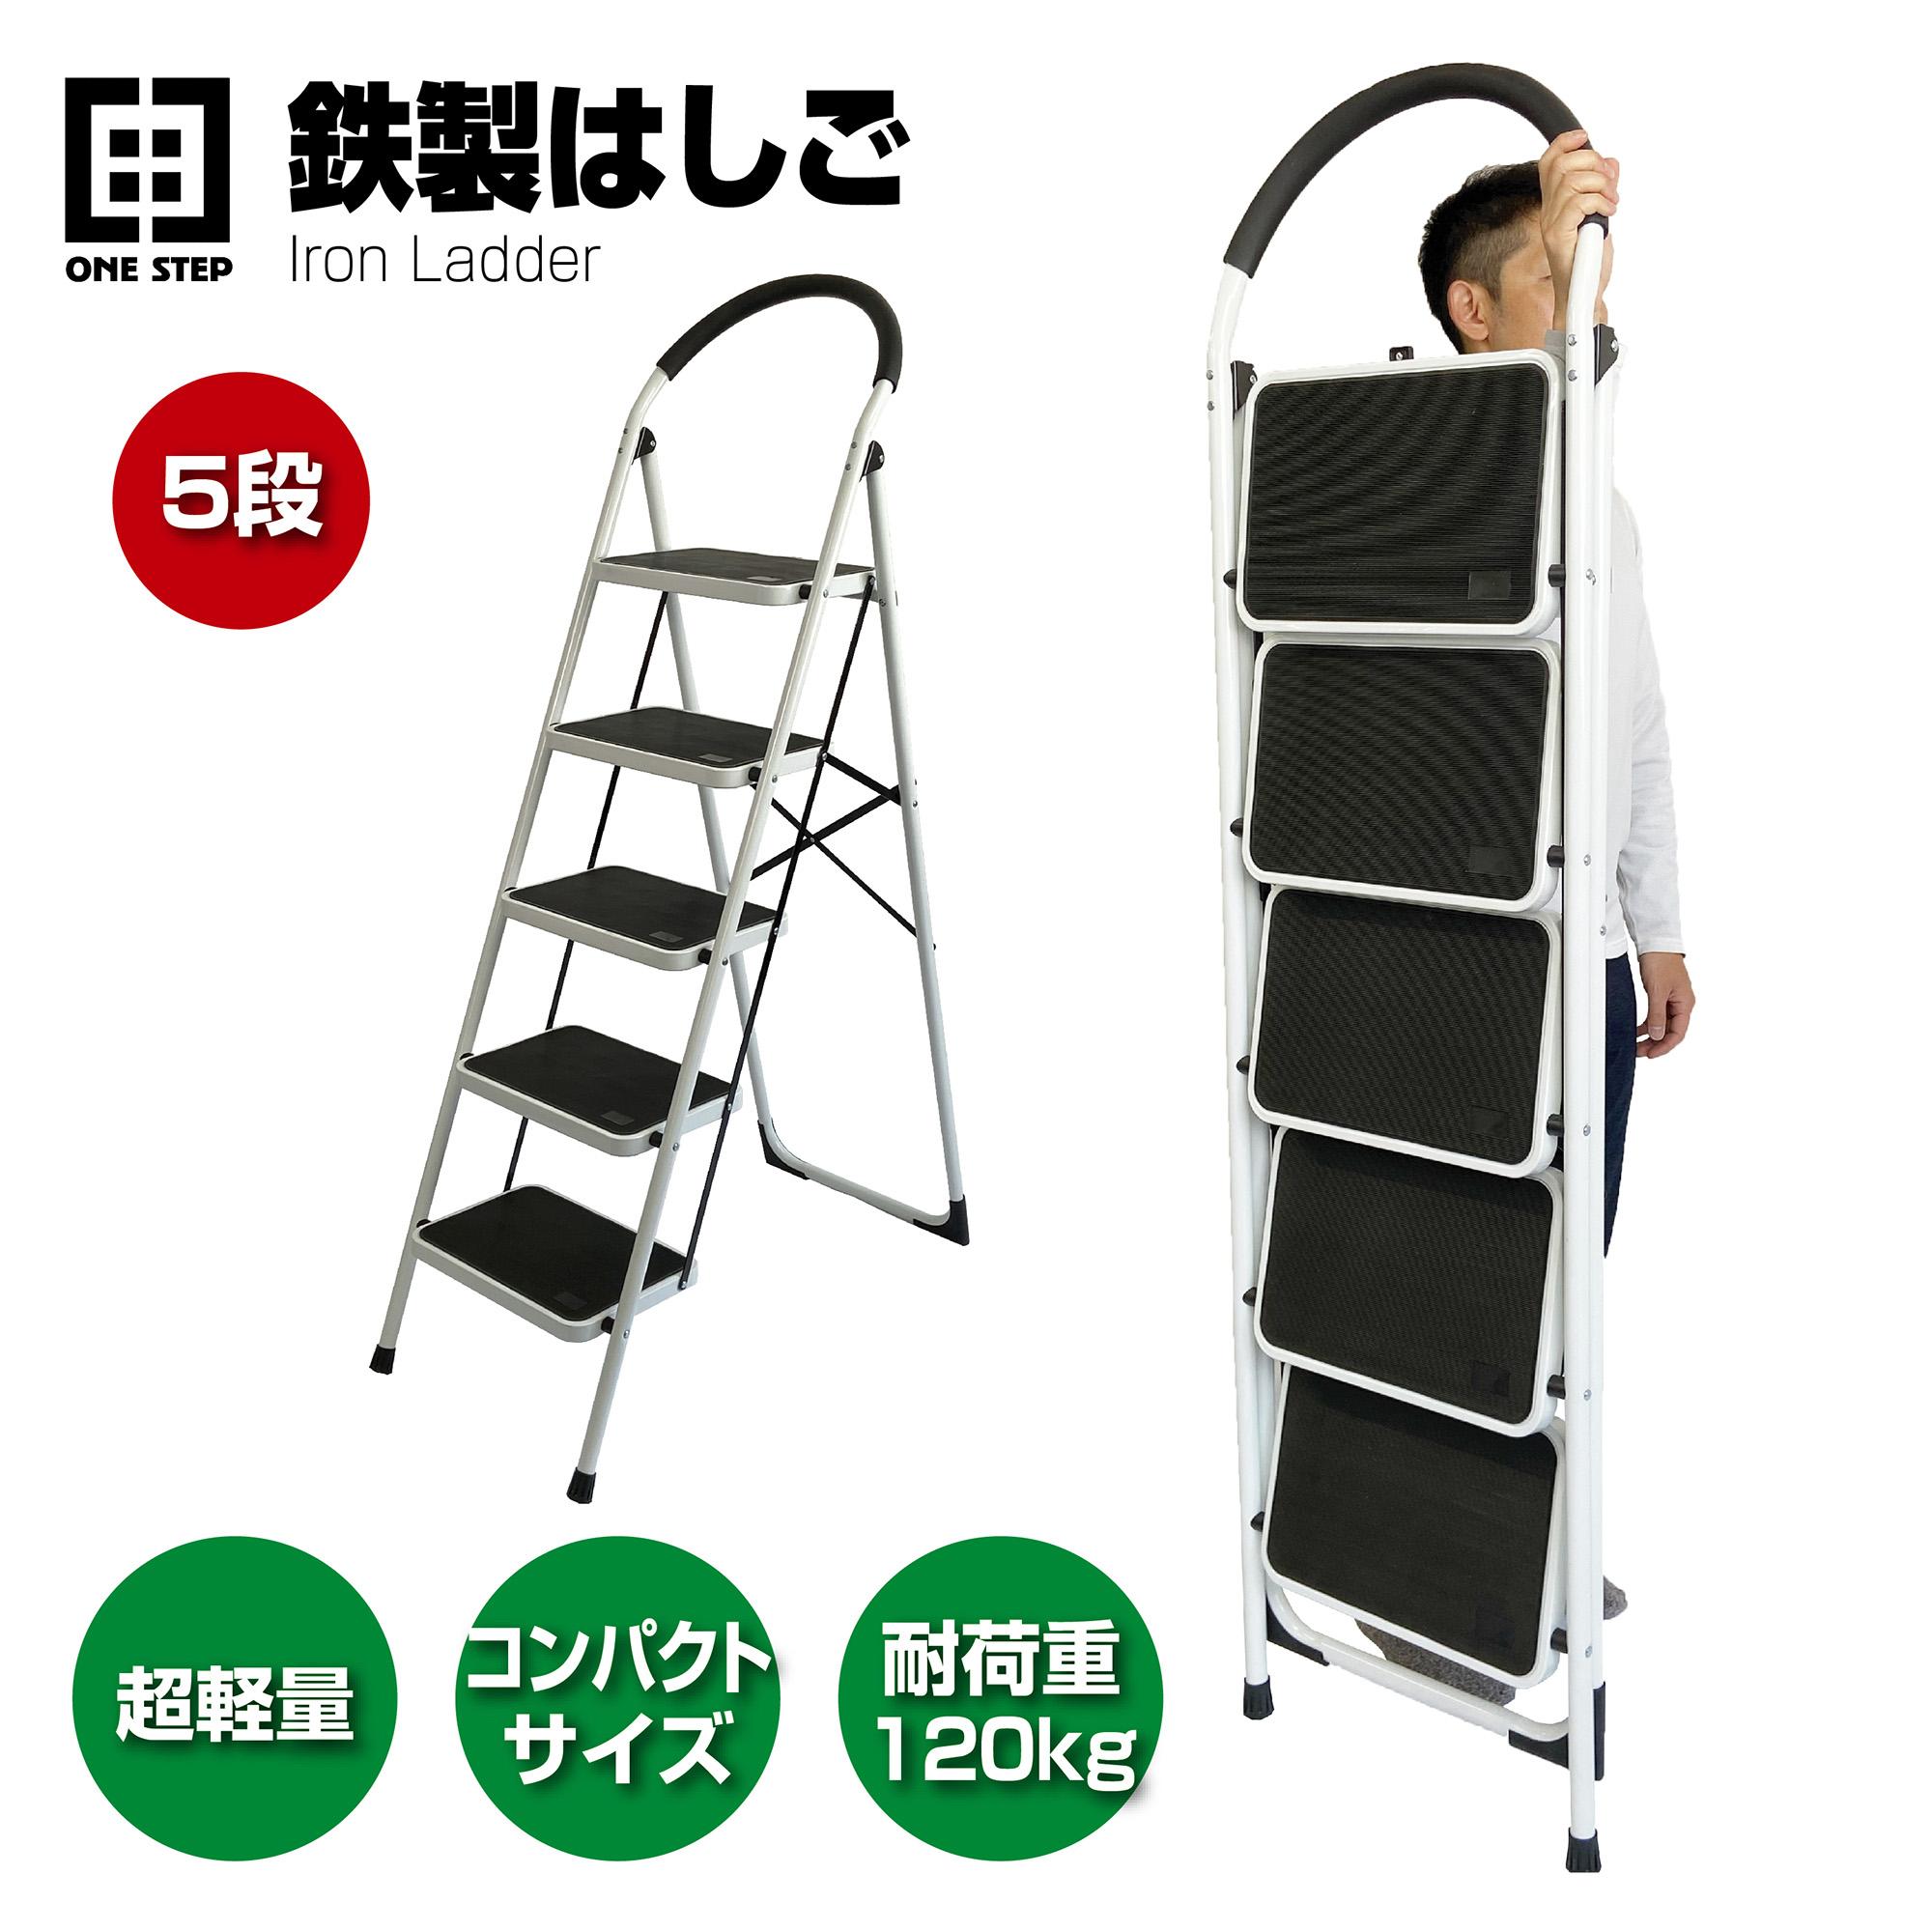 注目ブランド 5段 脚立 折りたたみ脚立 踏み台 軽量 直営ストア 折りたたみ はしご お掃除 ステップチェア 梯子 ステップラダー ステップ 持ち手付き ステップ台 コンパクト 折りたたみステップ ステップツール